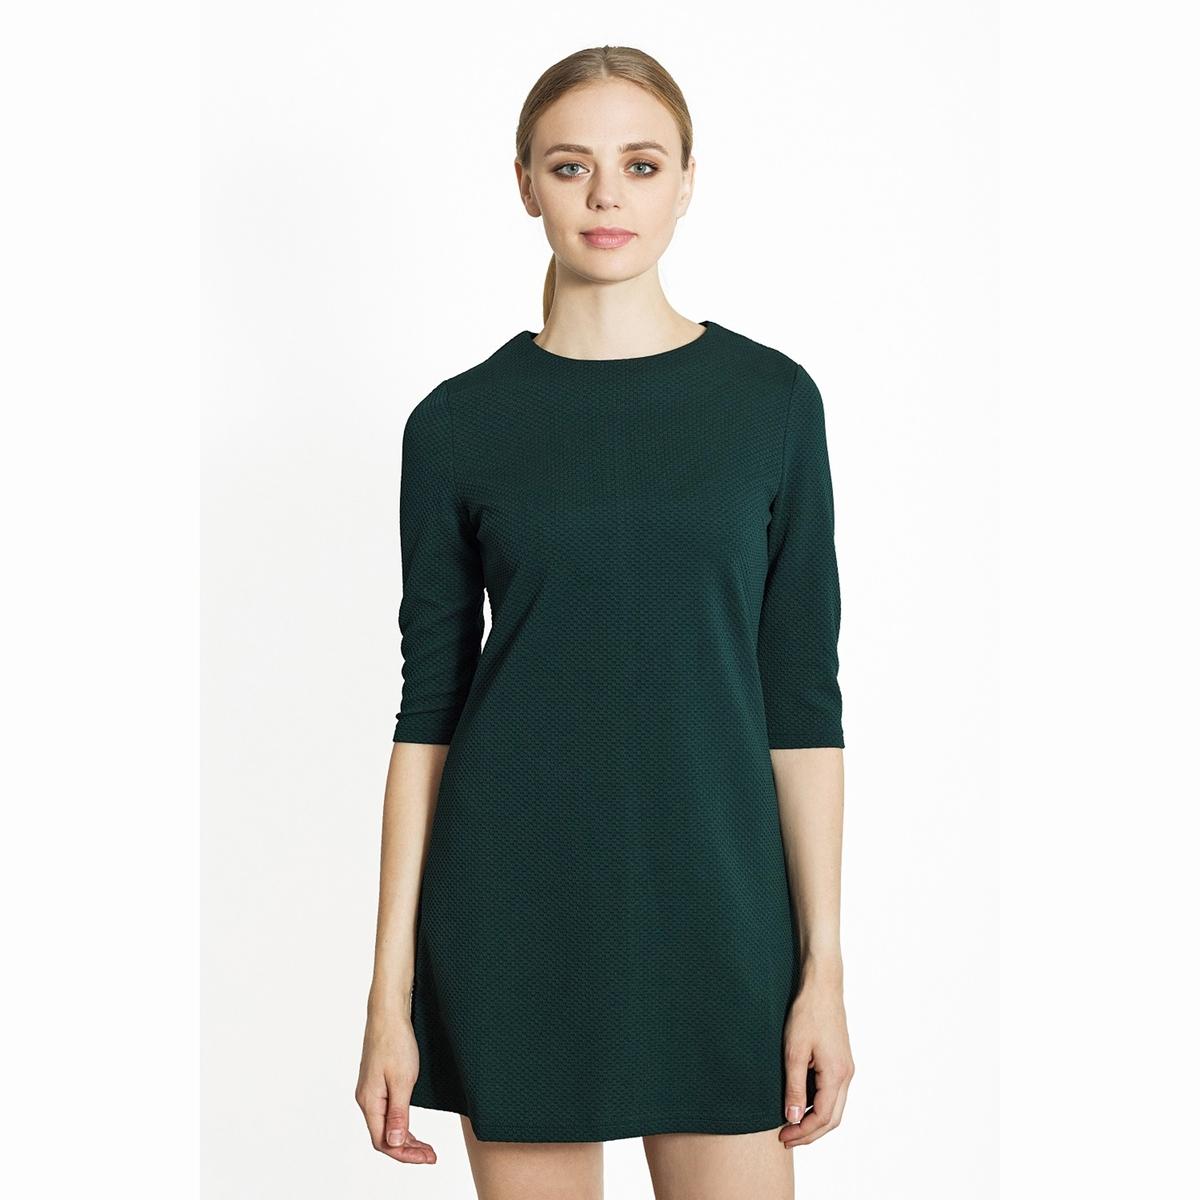 Платье короткоеКороткое платье с рукавами 3/4.  Круглый вырез. Состав и описаниеМатериалы: 100% полиэстер.Марка: Migle+MeУходСледуйте рекомендациям по уходу, указанным на этикетке изделия.<br><br>Цвет: зеленый<br>Размер: M.L